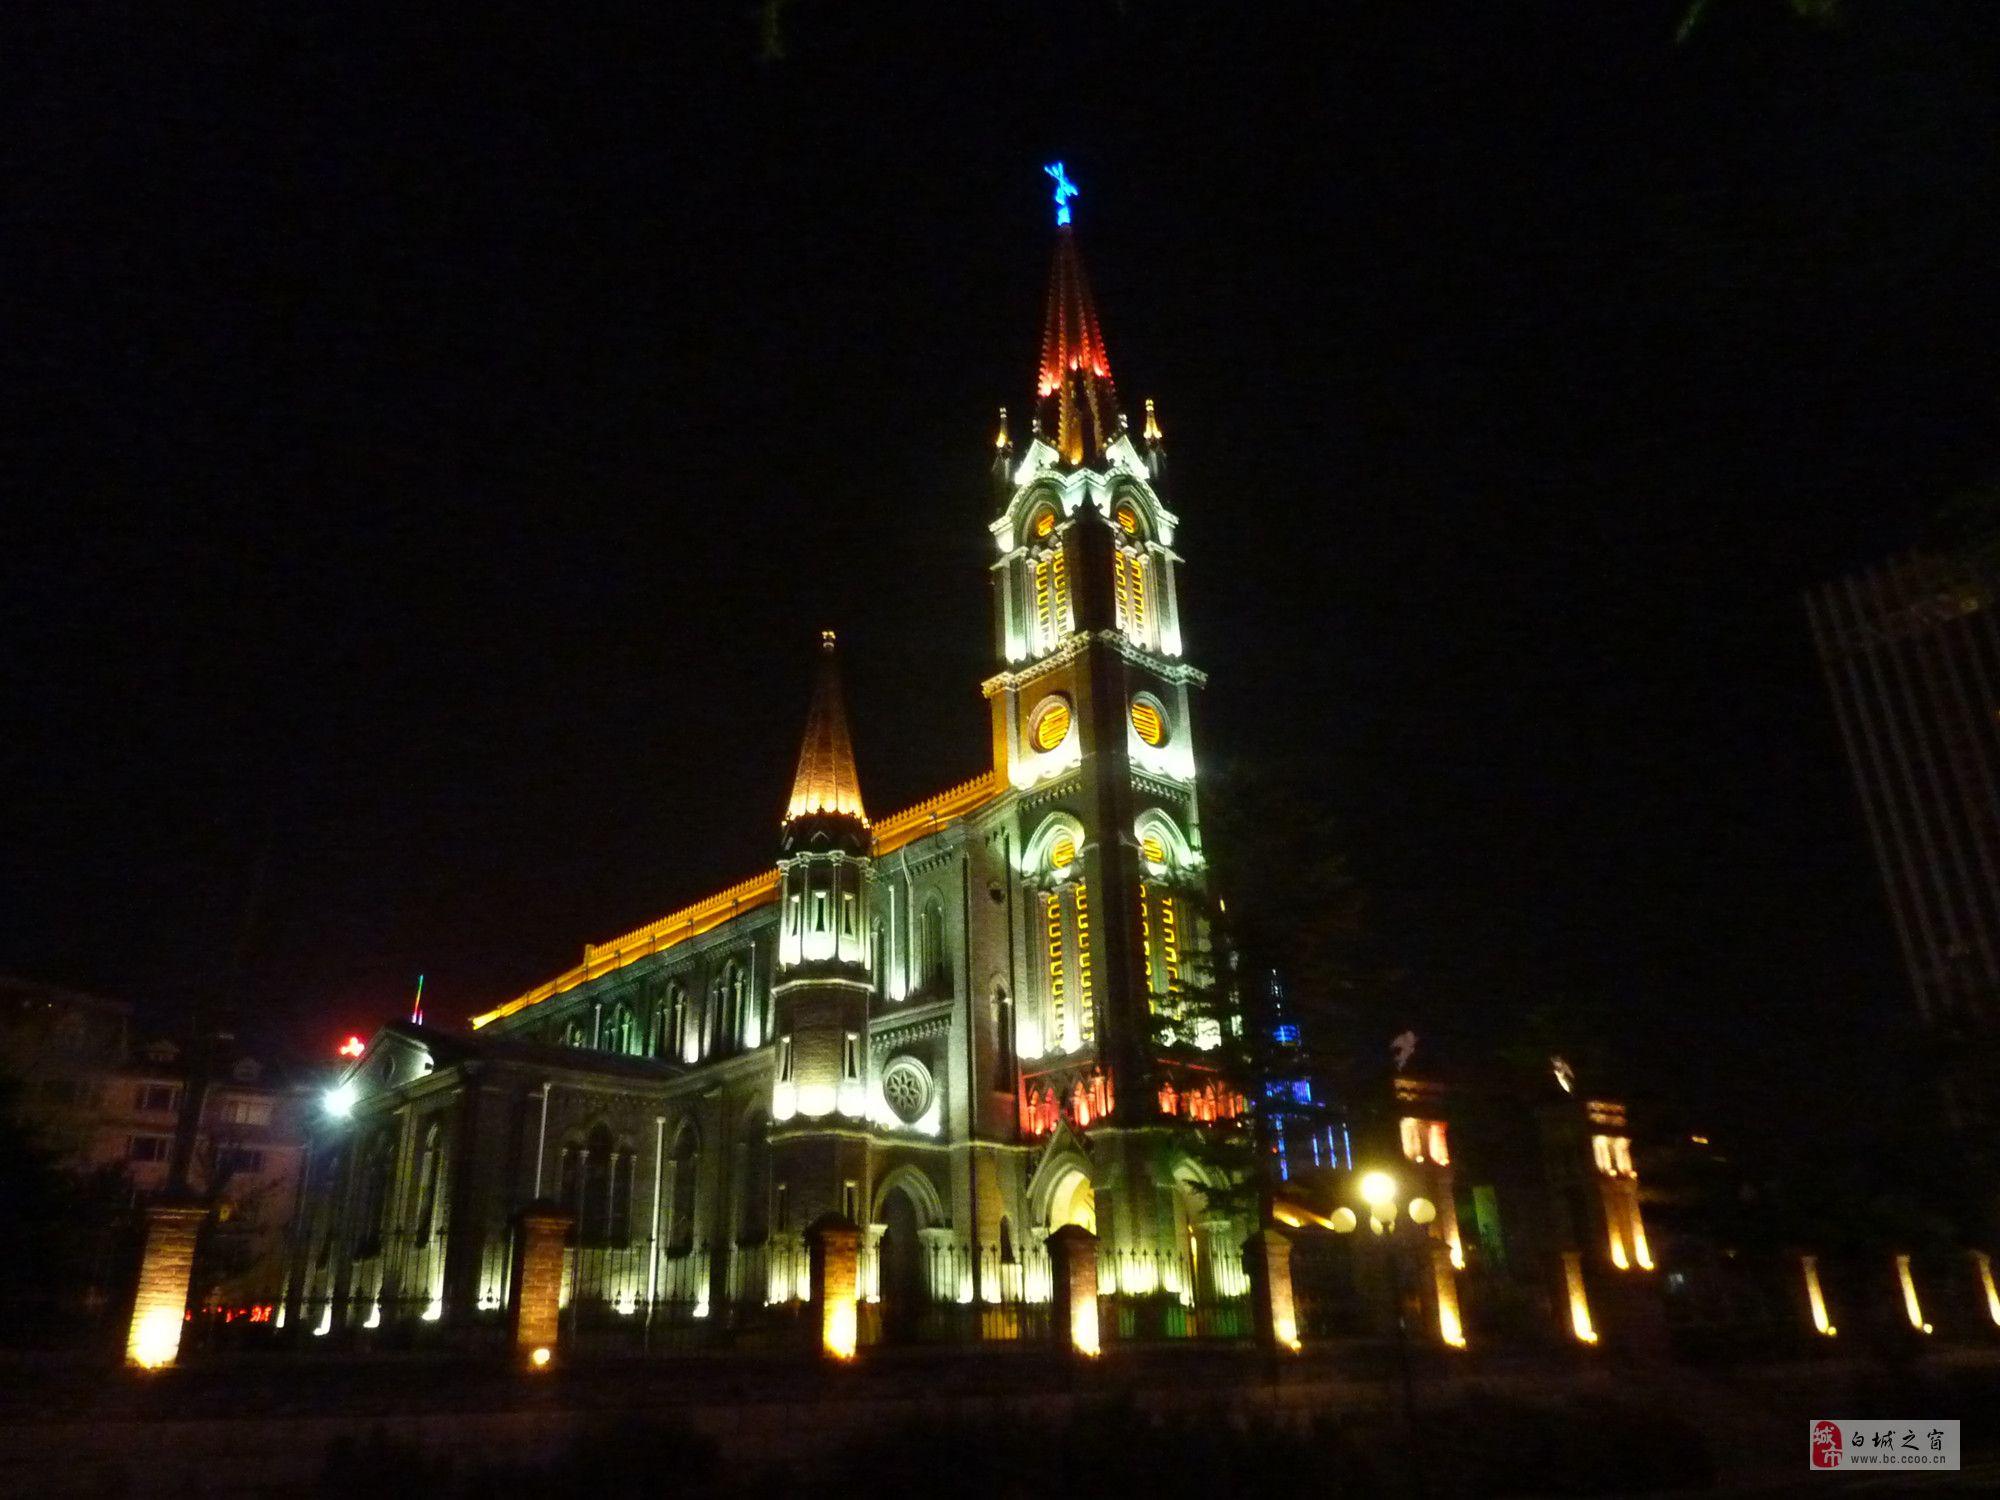 青山塔夜景图片